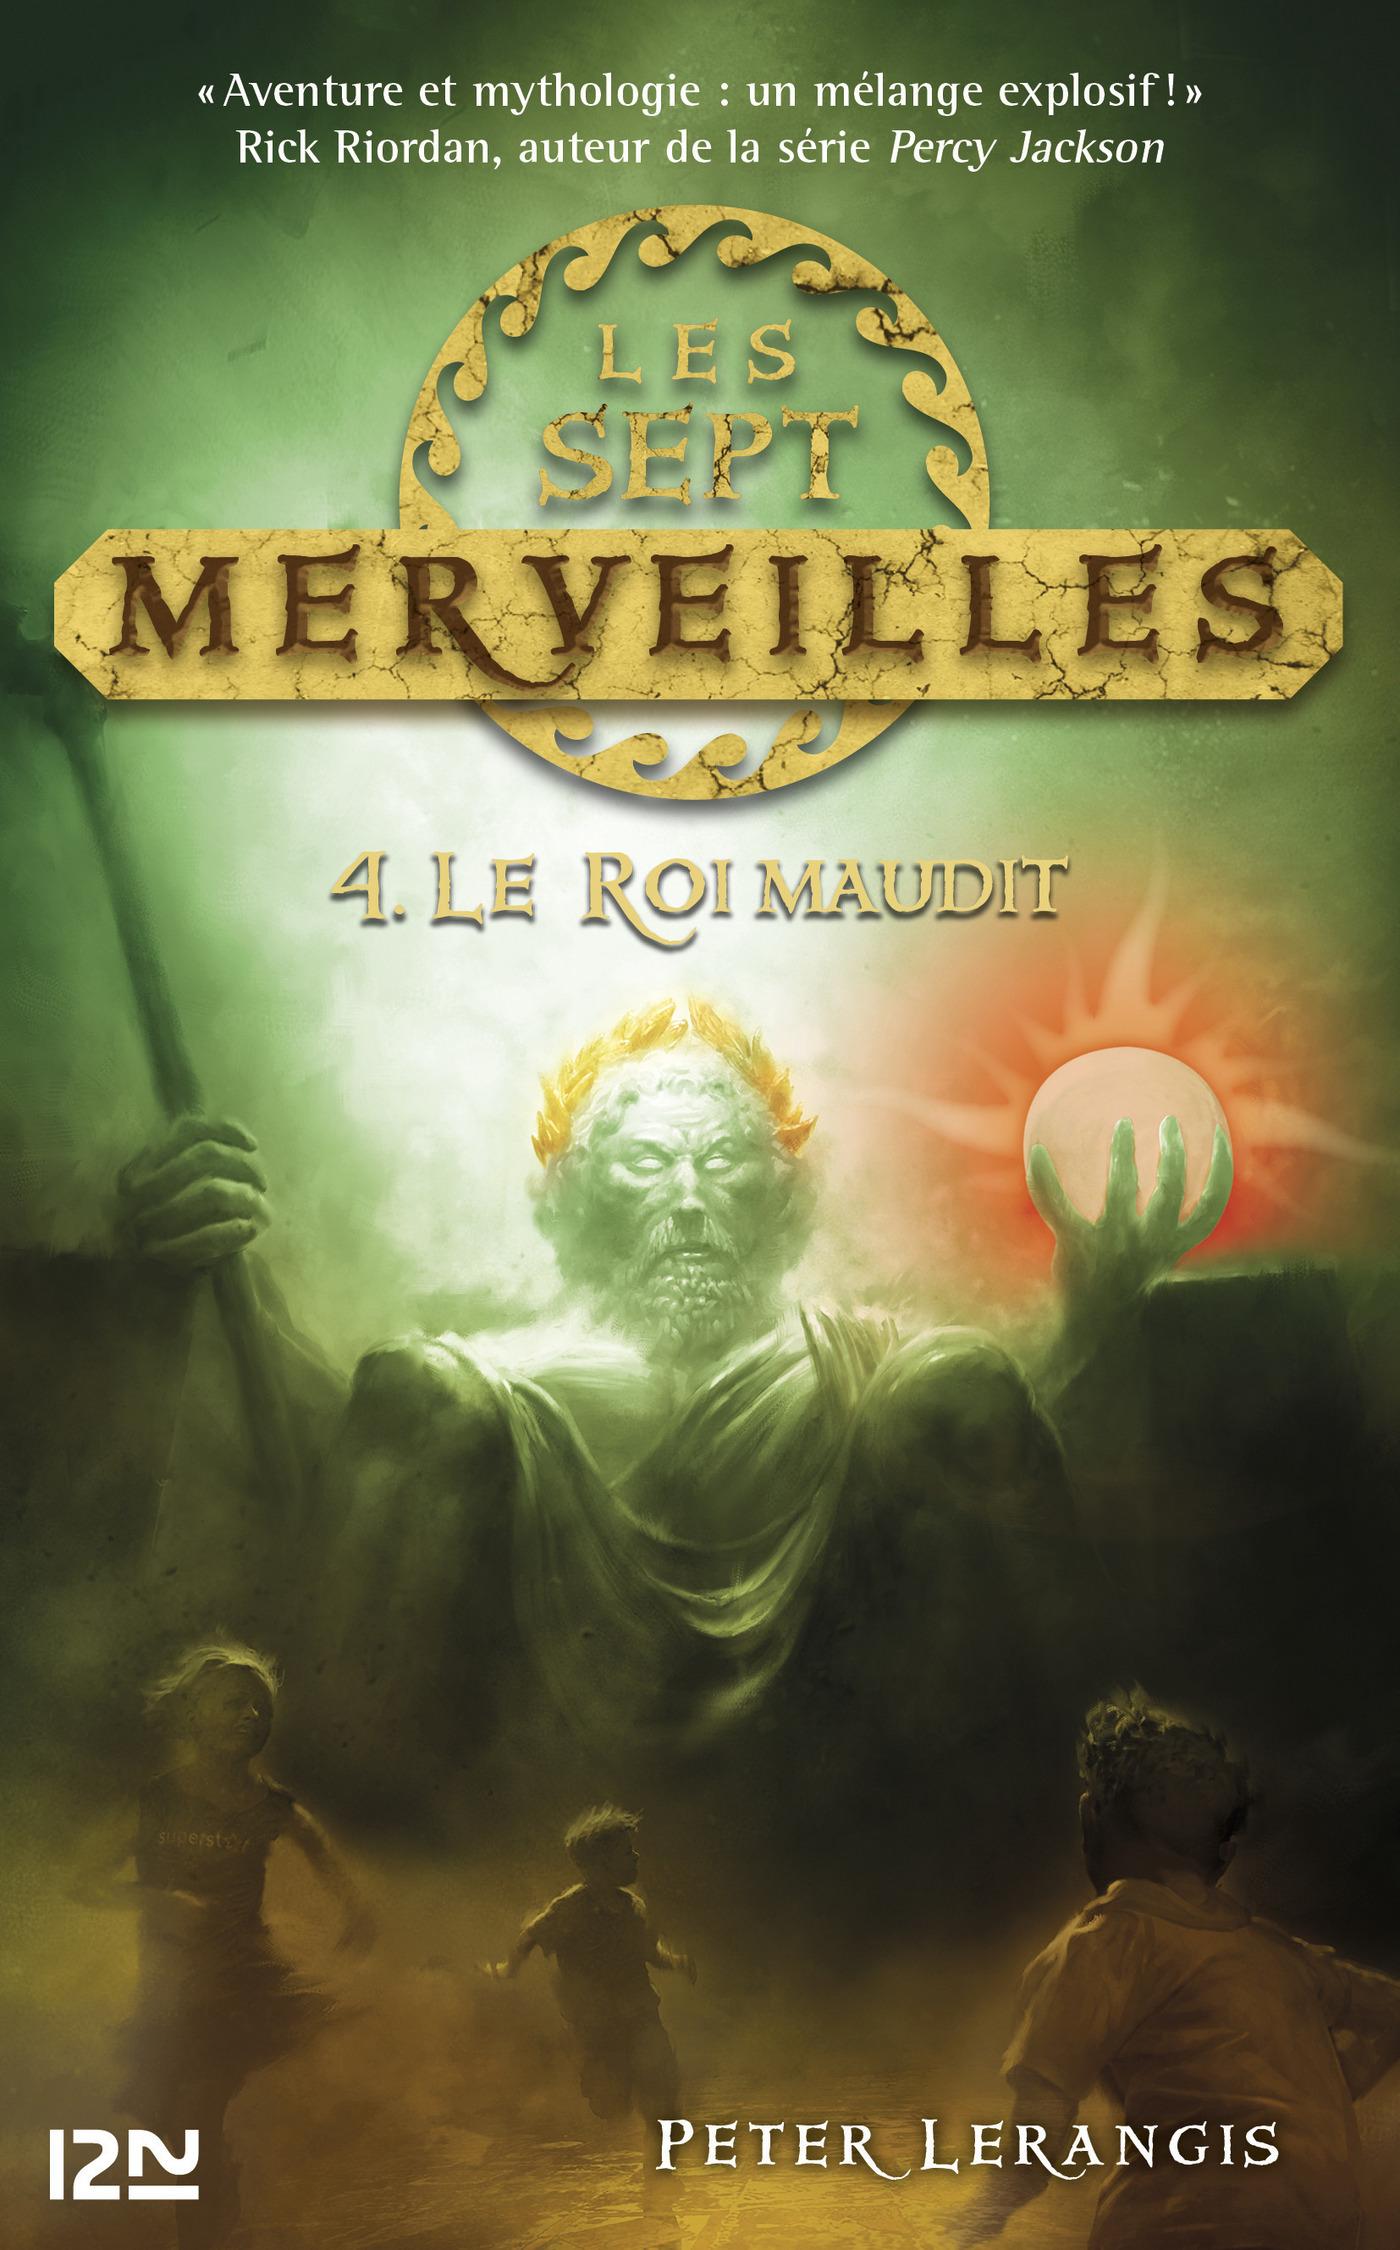 Les sept merveilles - tome 4